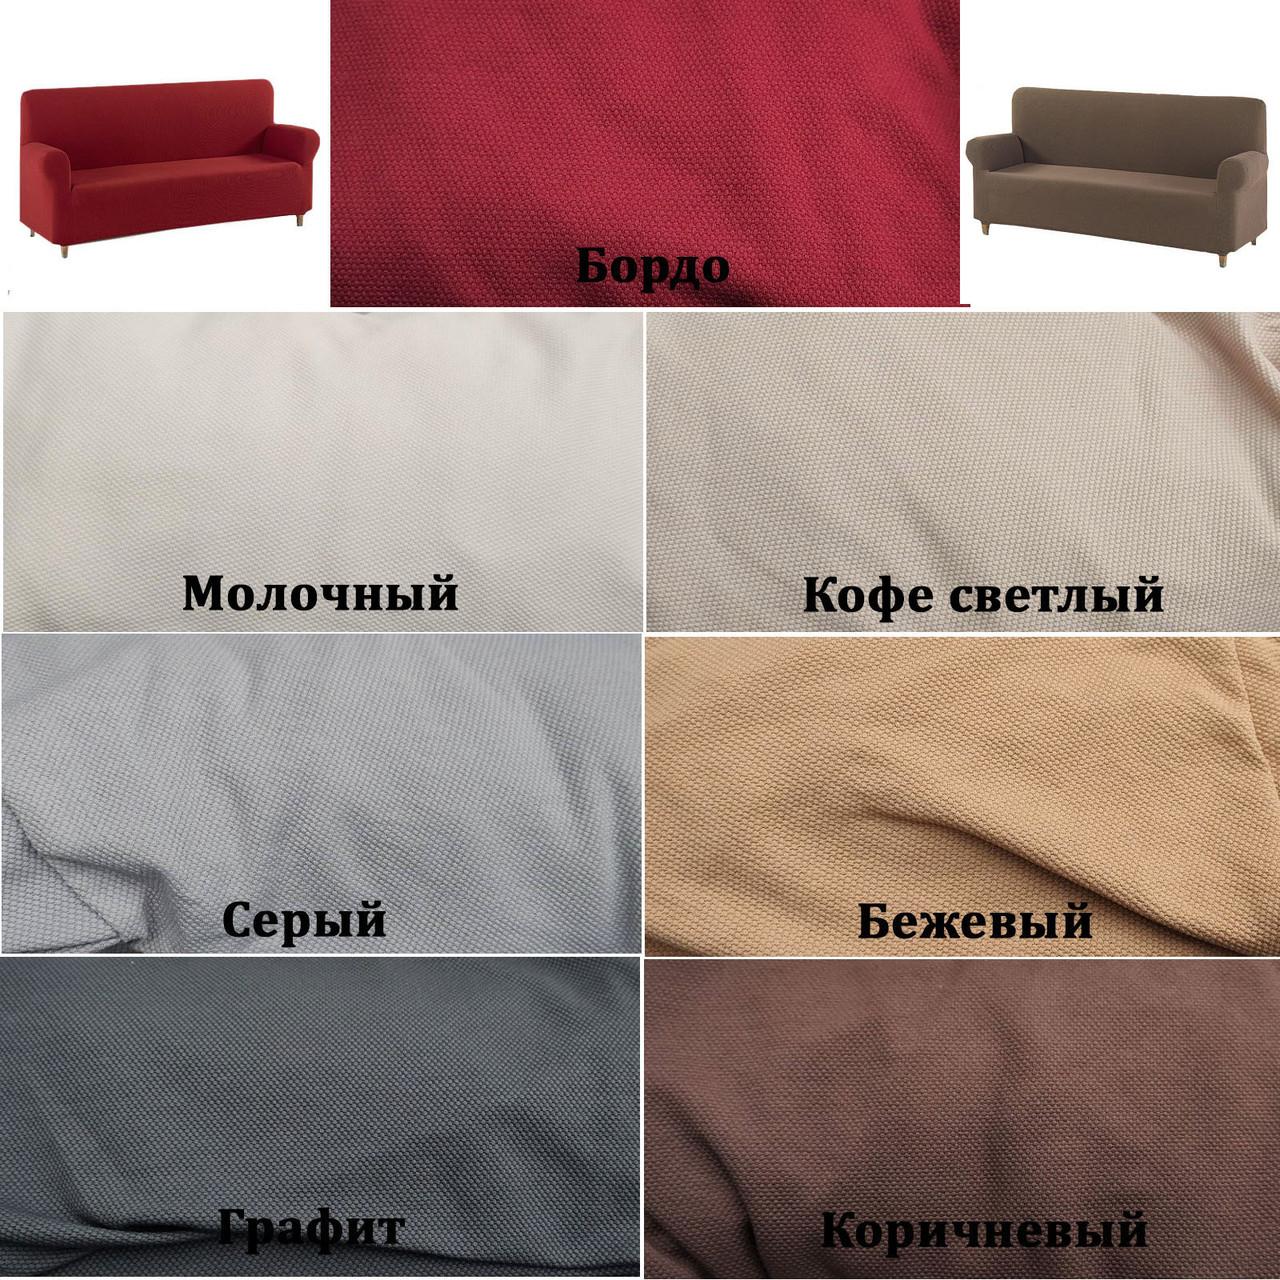 Универсальный чехол на диван без оборки Молочный